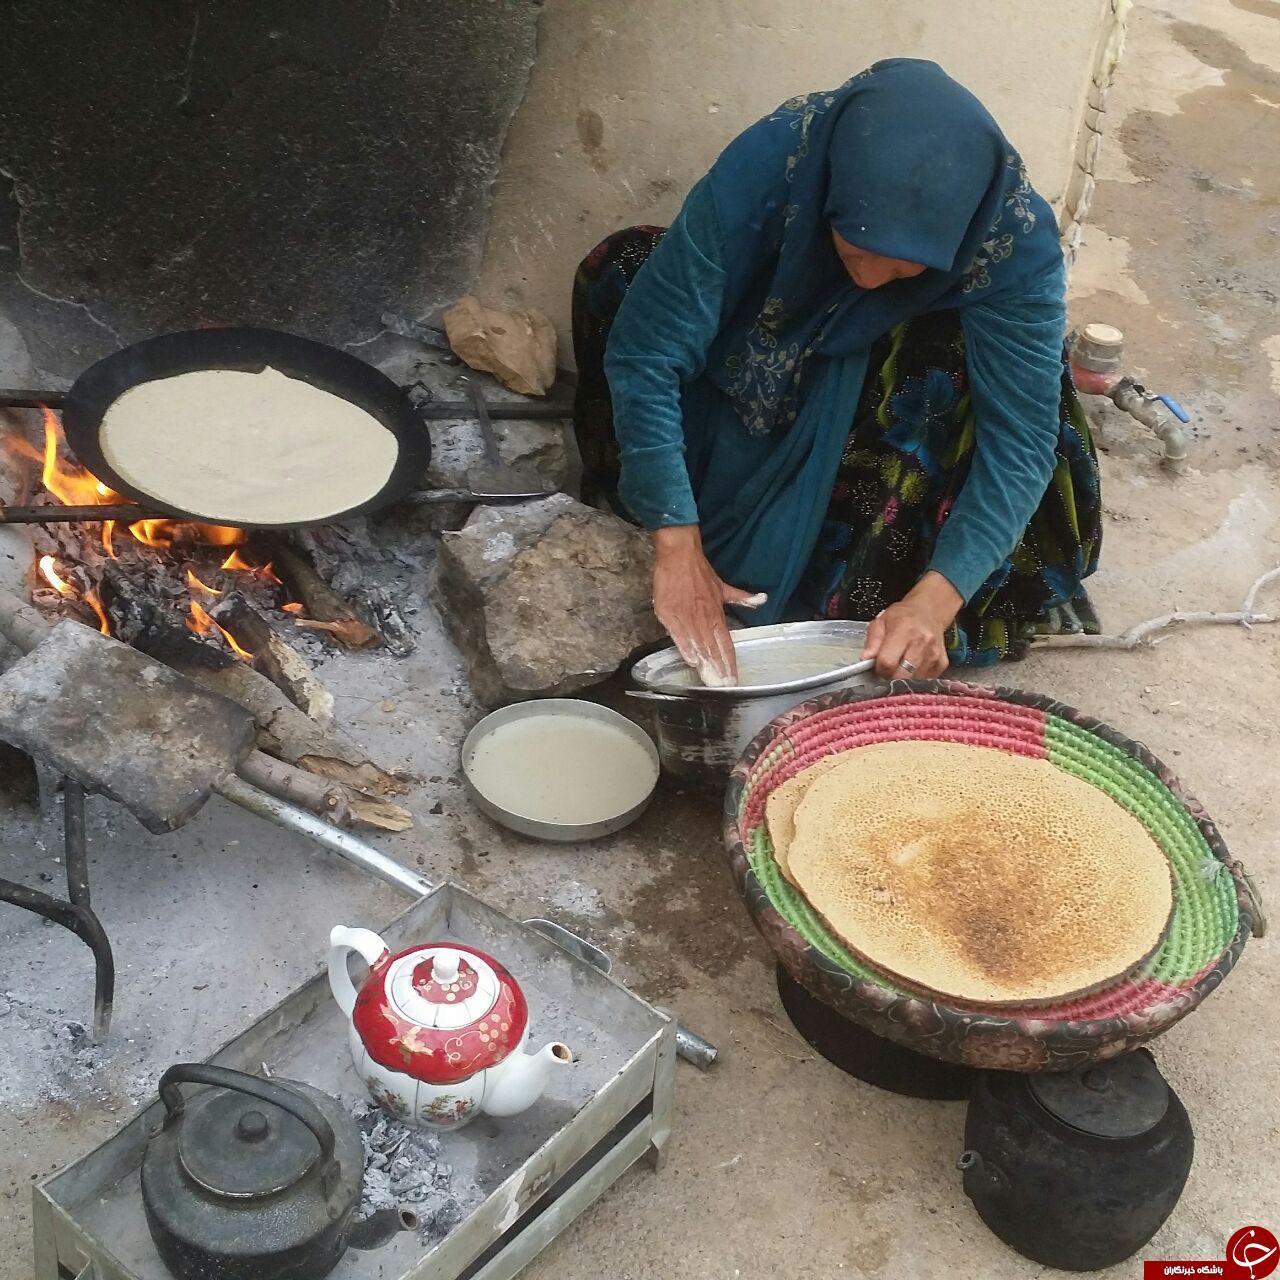 باشگاه خبرنگاران جوان - پخت نان محلی در قاب تصویر - صاحبخبر